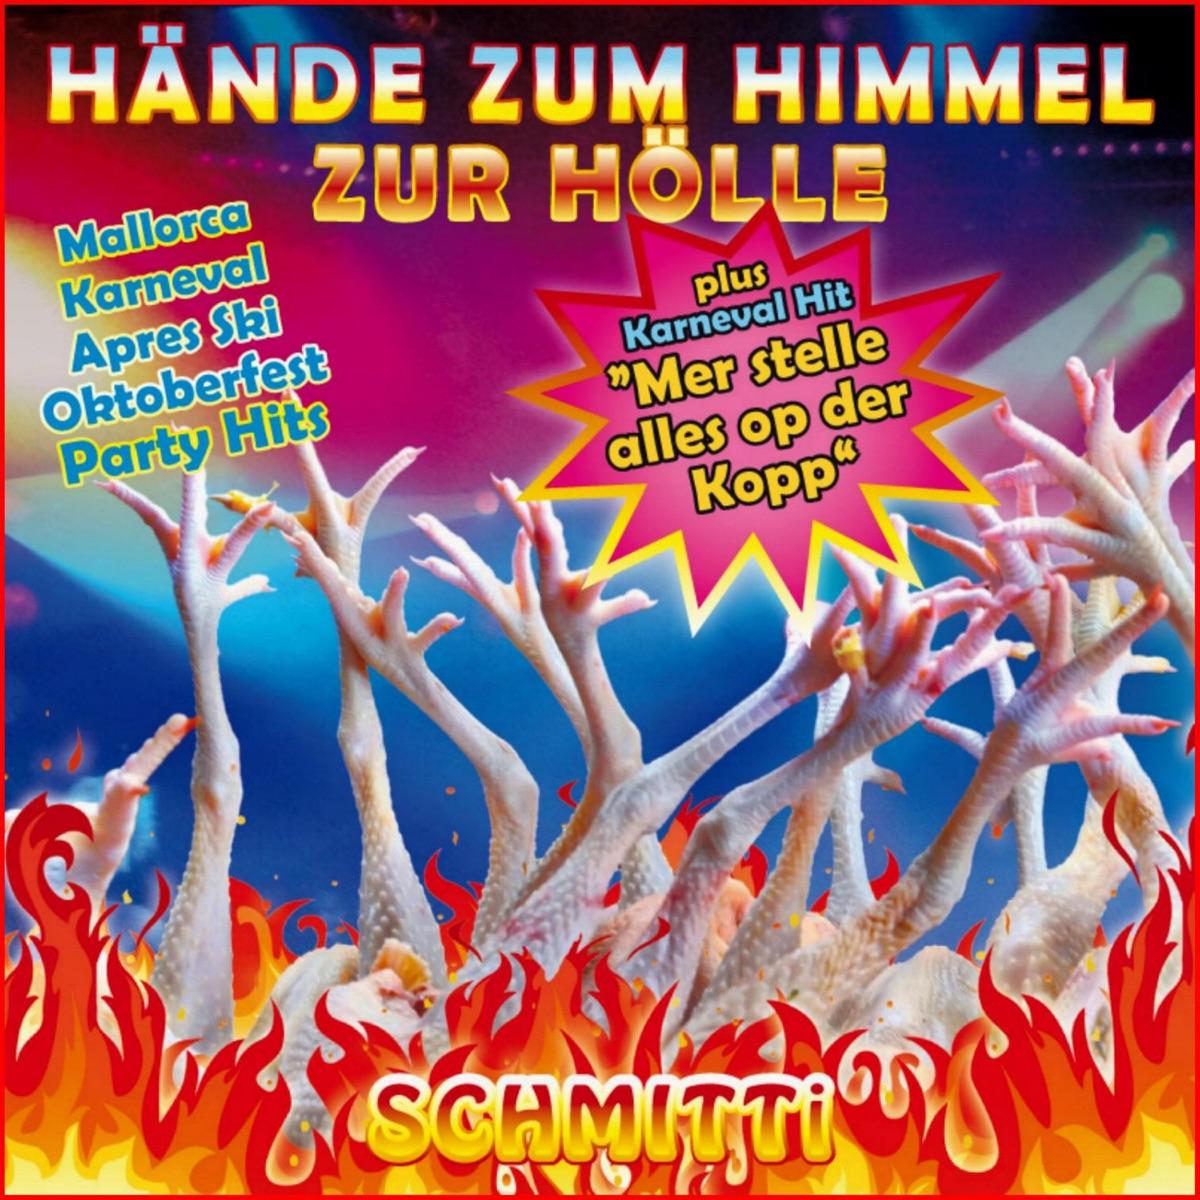 Hände zum Himmel zur Hölle Album Cover by Schmitti